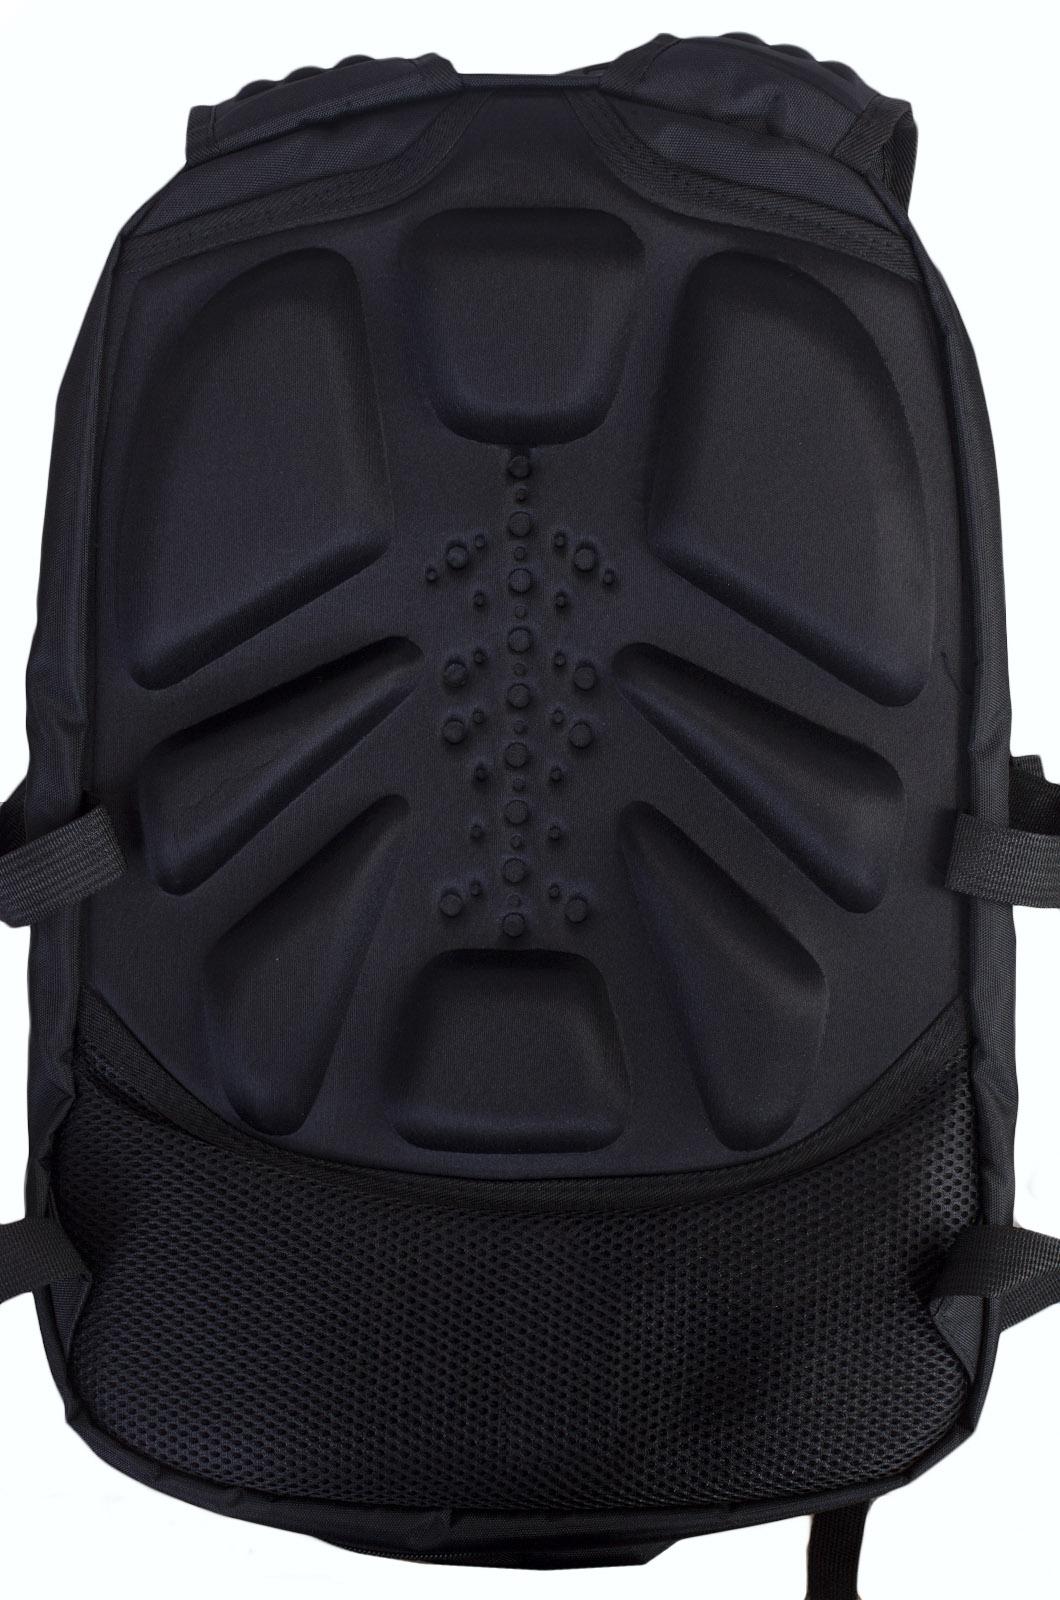 Вместительный черный рюкзак с эмблемой Охотничьих войск заказать онлайн